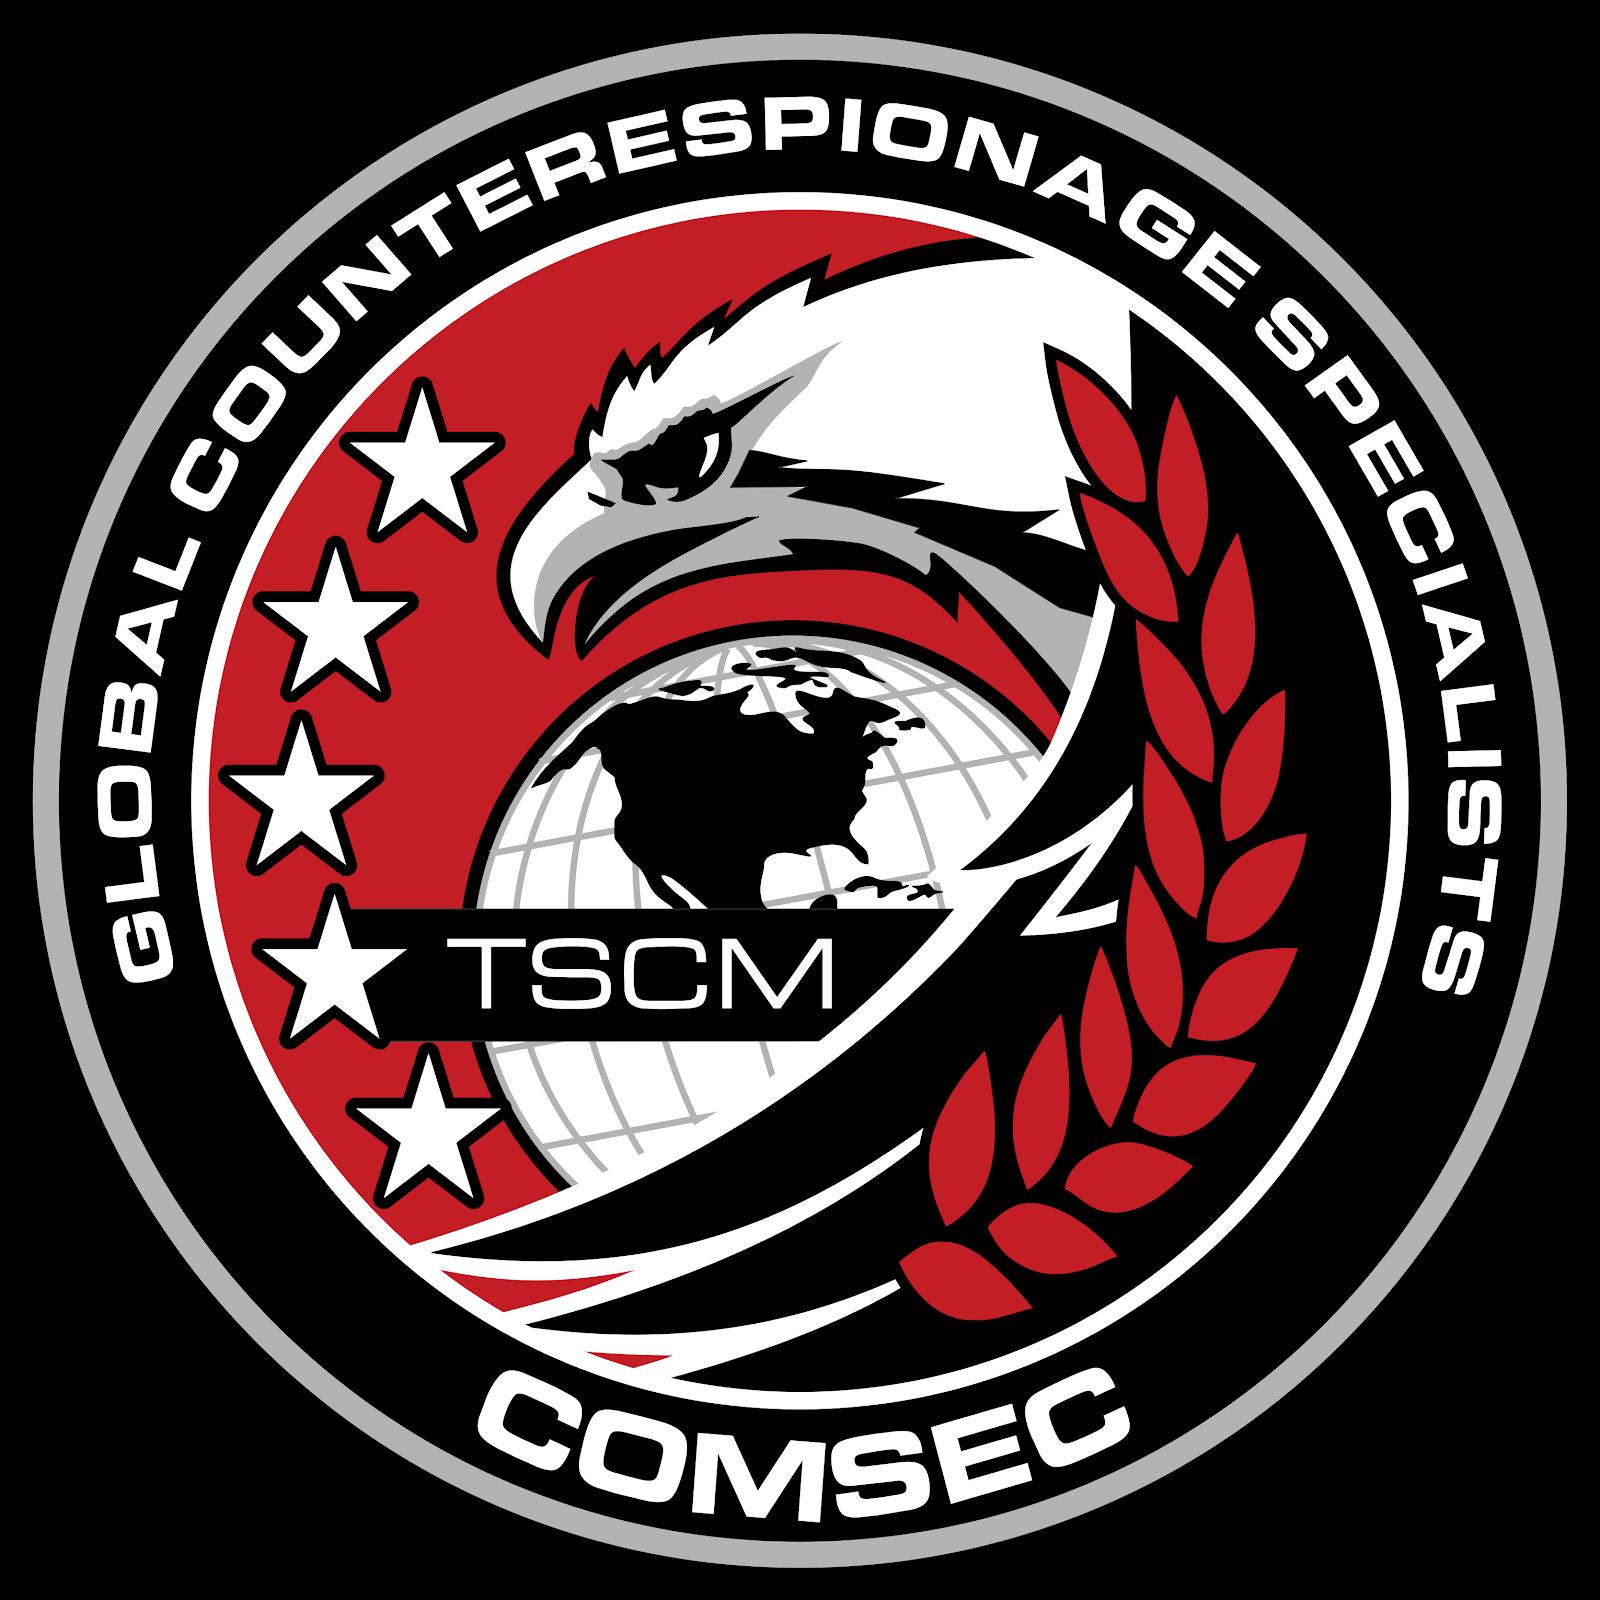 ComSec LLC